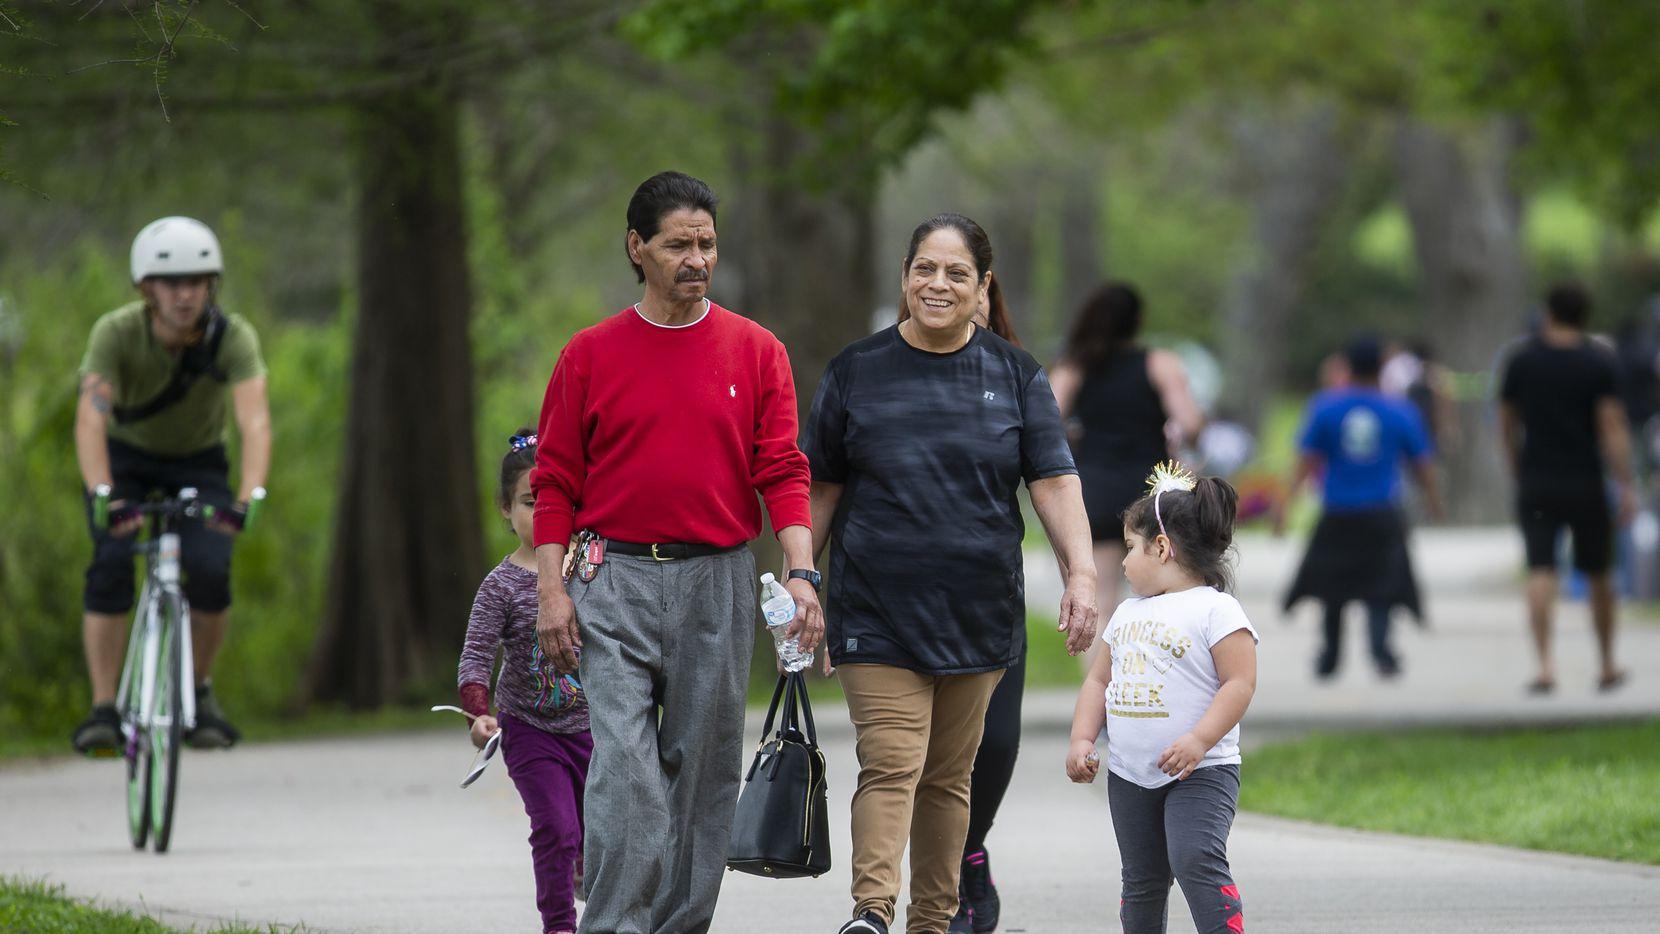 Cientos de personas han visitado White Rock Lake en Dallas y las autoridades han advertido al público de no saturar los parques para prevenir la propagación del coronavirus. Este fin de semana permancerán cerrados.